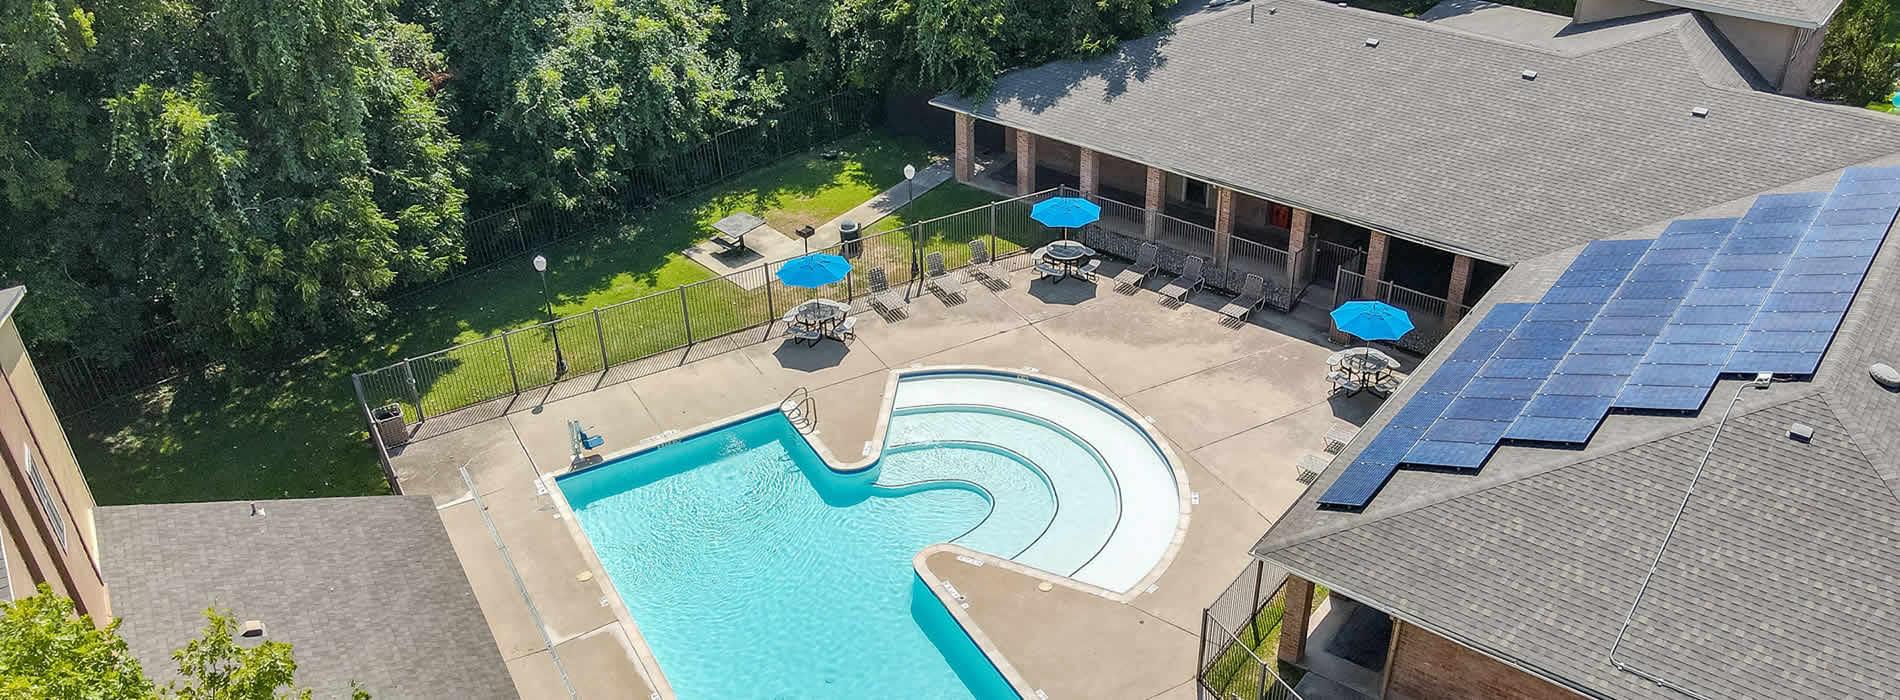 Forest Park Apartments Austin Tx 512 833 7883